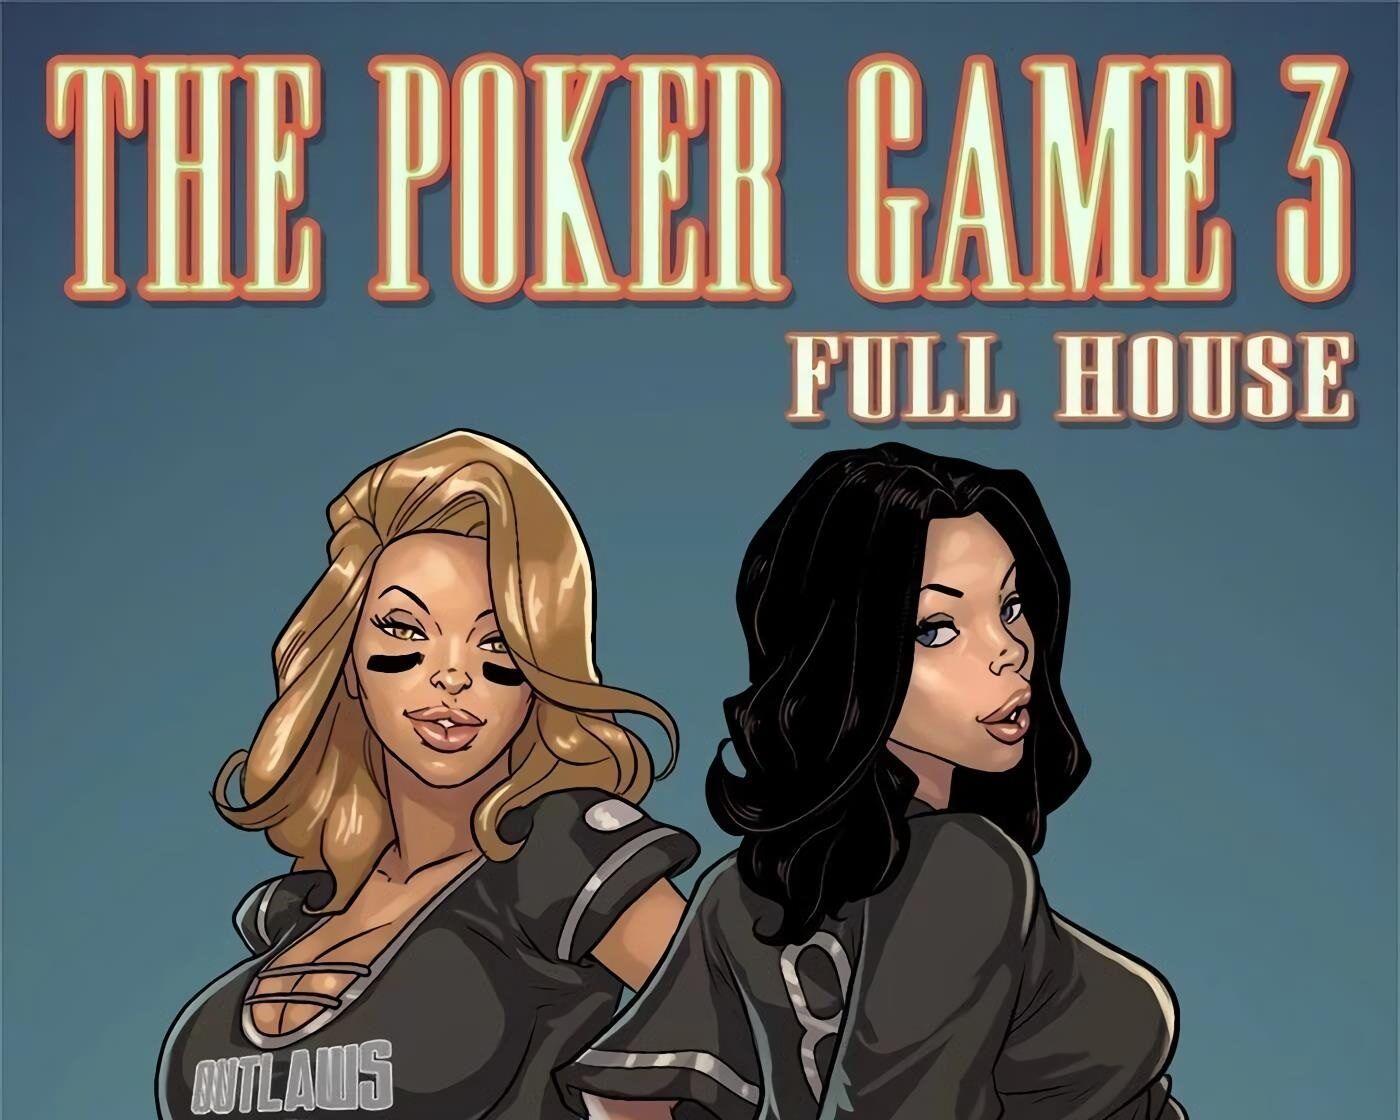 Poker game 3